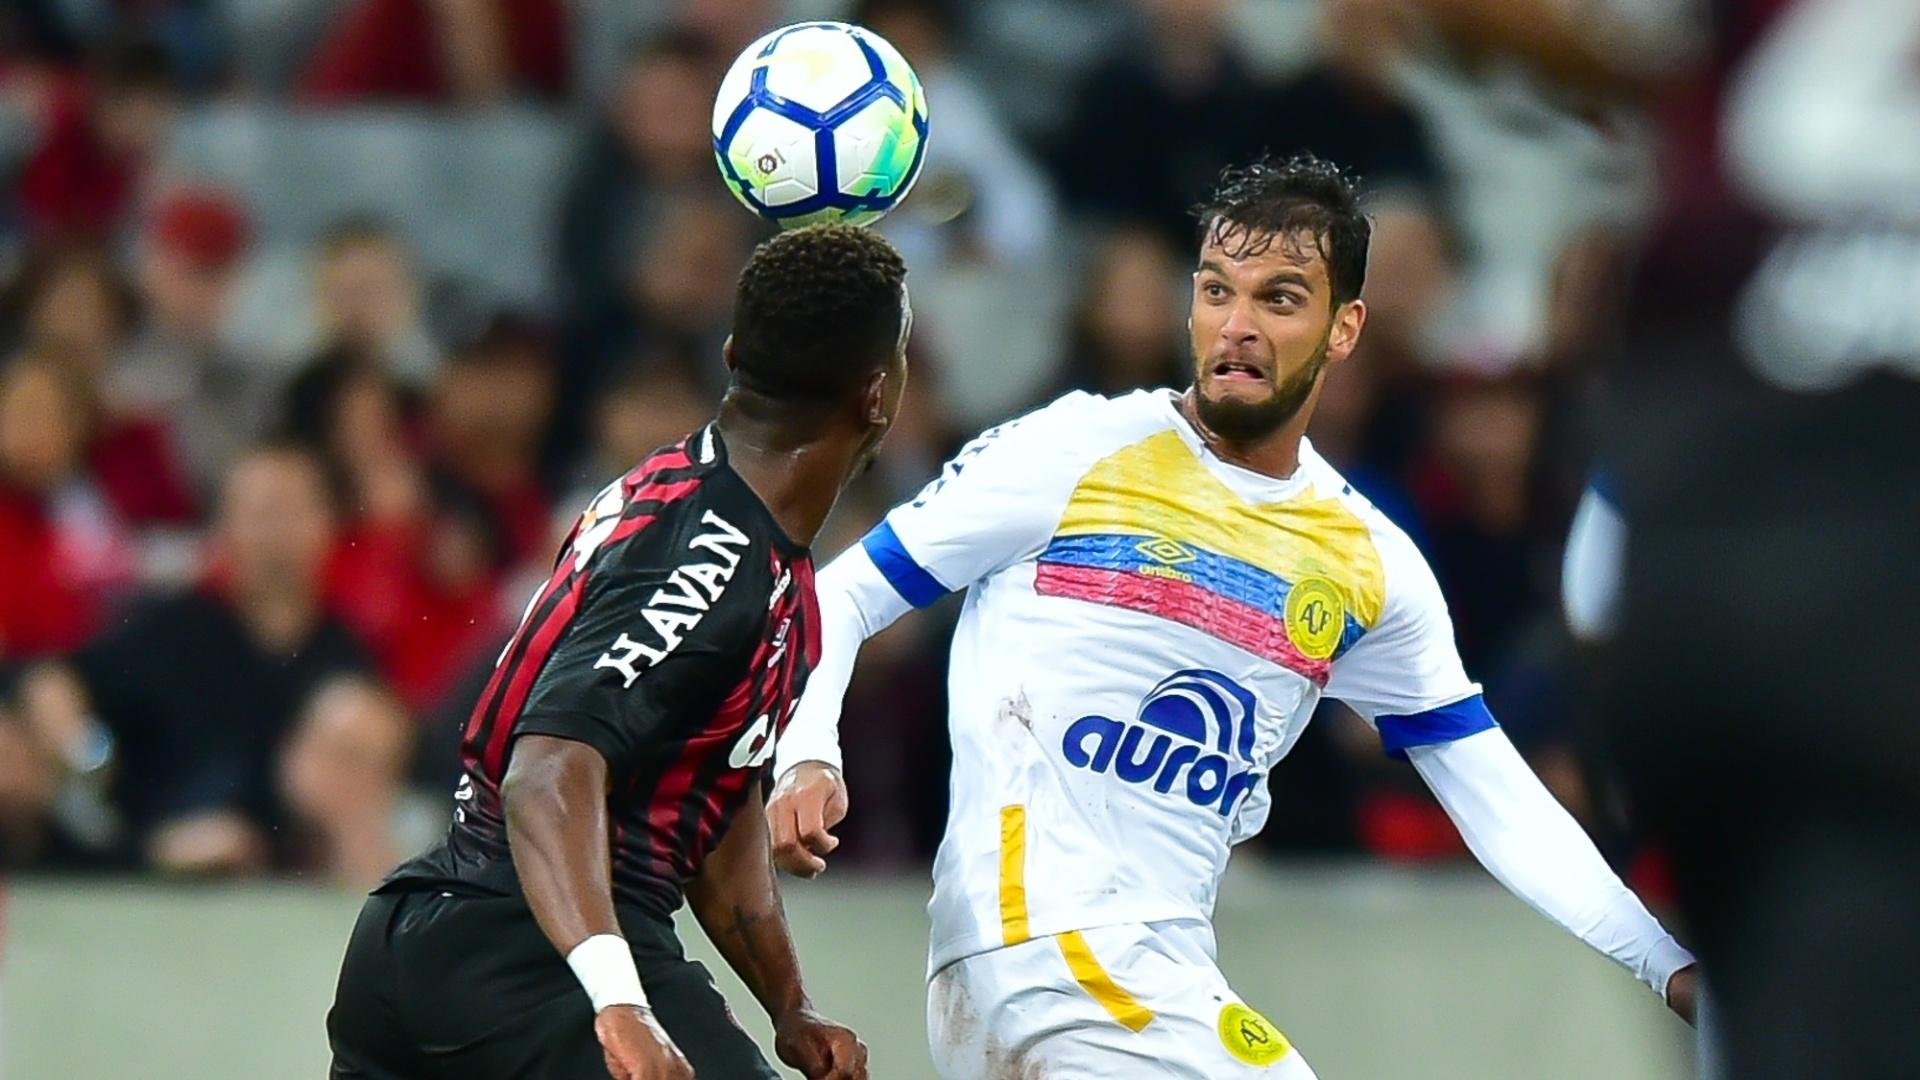 Rafael Thyere disputa bola com Ribamar durante a partida entre Atlético-PR e Chapecoense